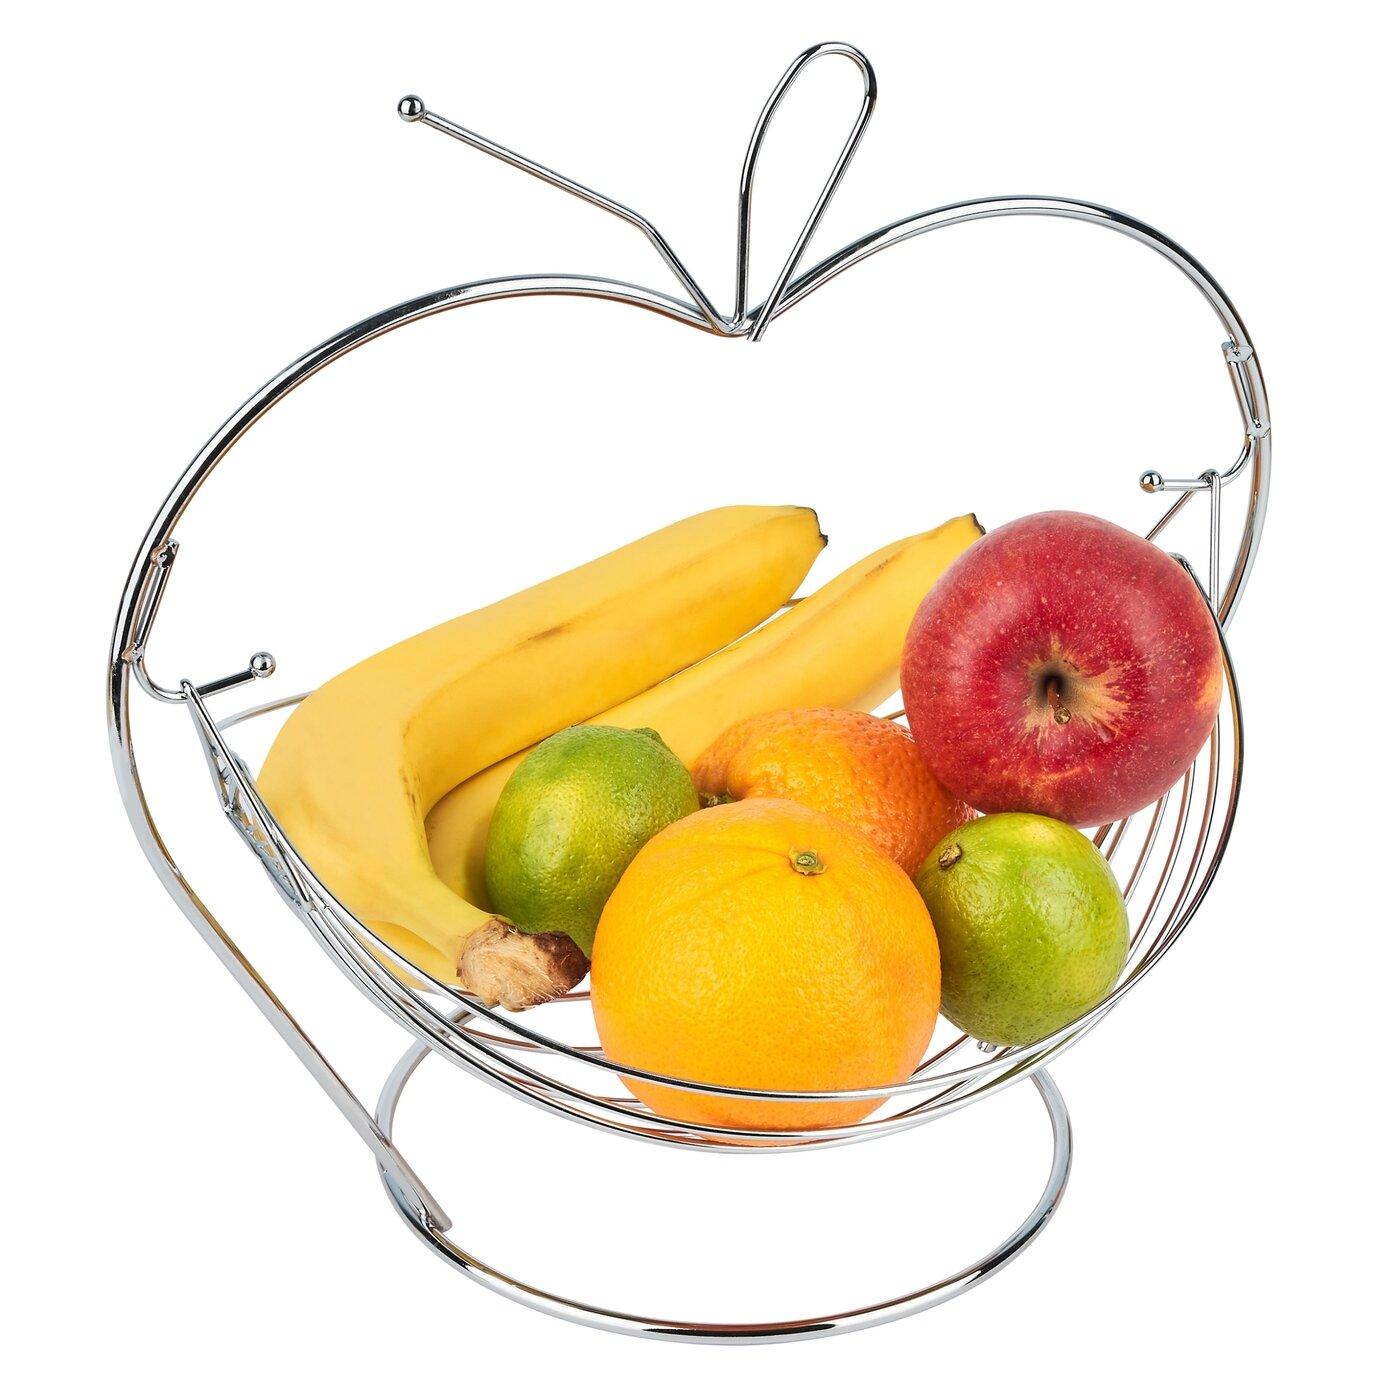 Koszyk Na Owoce Tadar Kolyska Jablko 31 X 29 5 X 23 5 Cm Tadar Pl